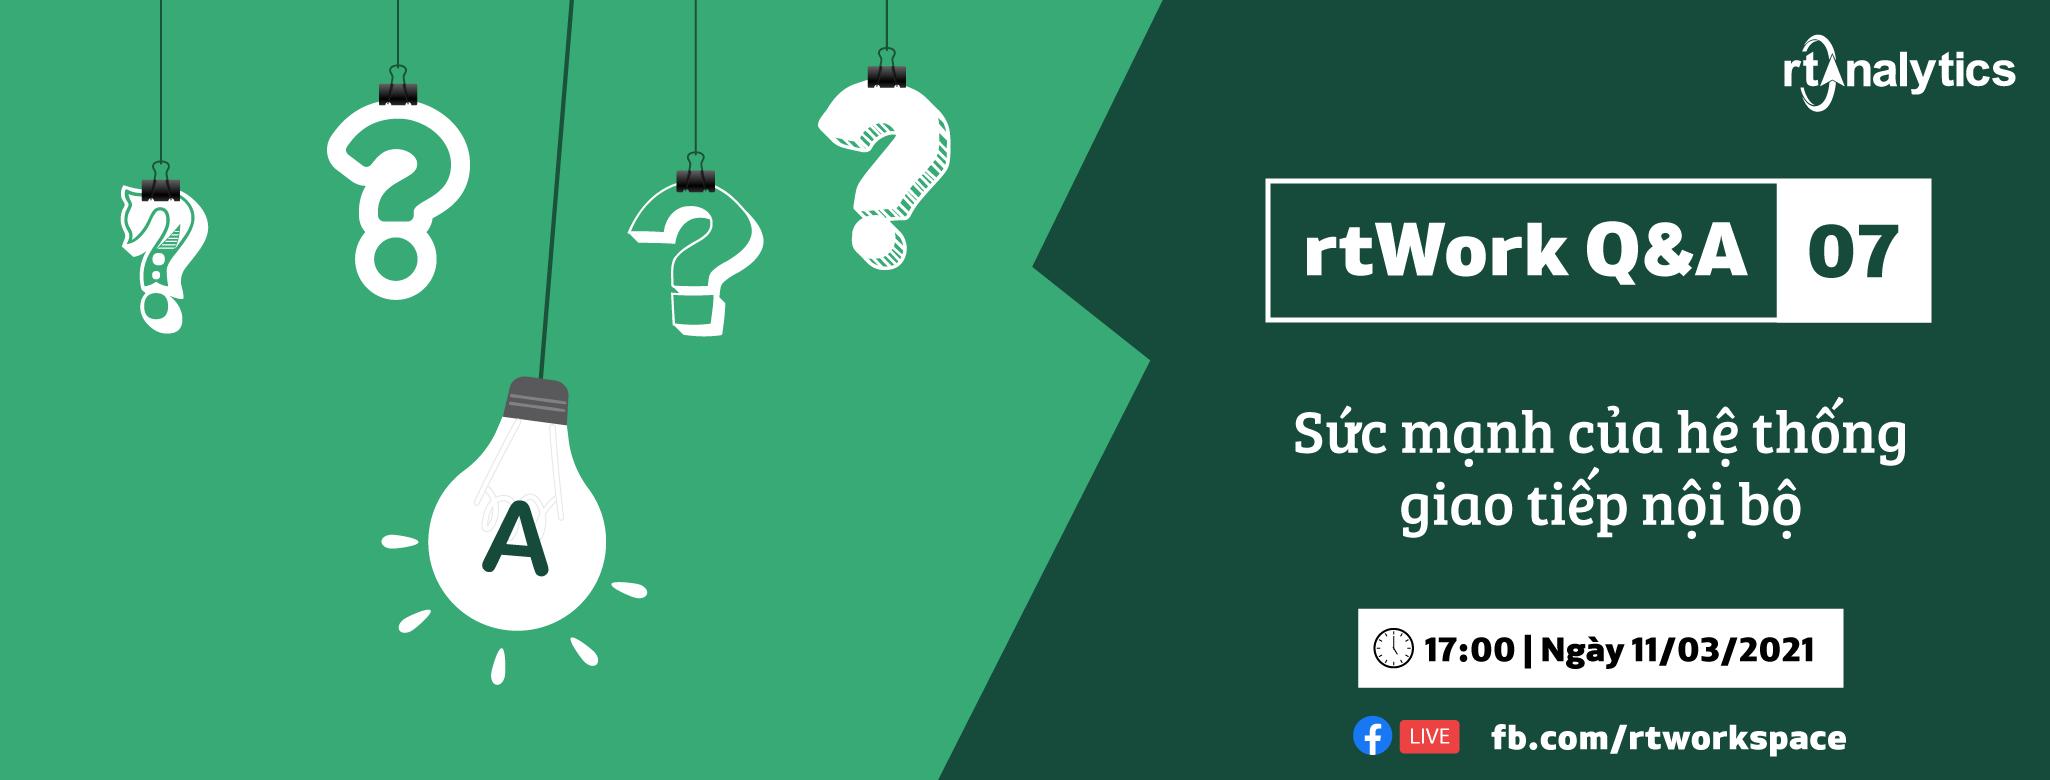 rtWork Q&A 07: Sức mạnh của hệ thống giao tiếp nội bộ